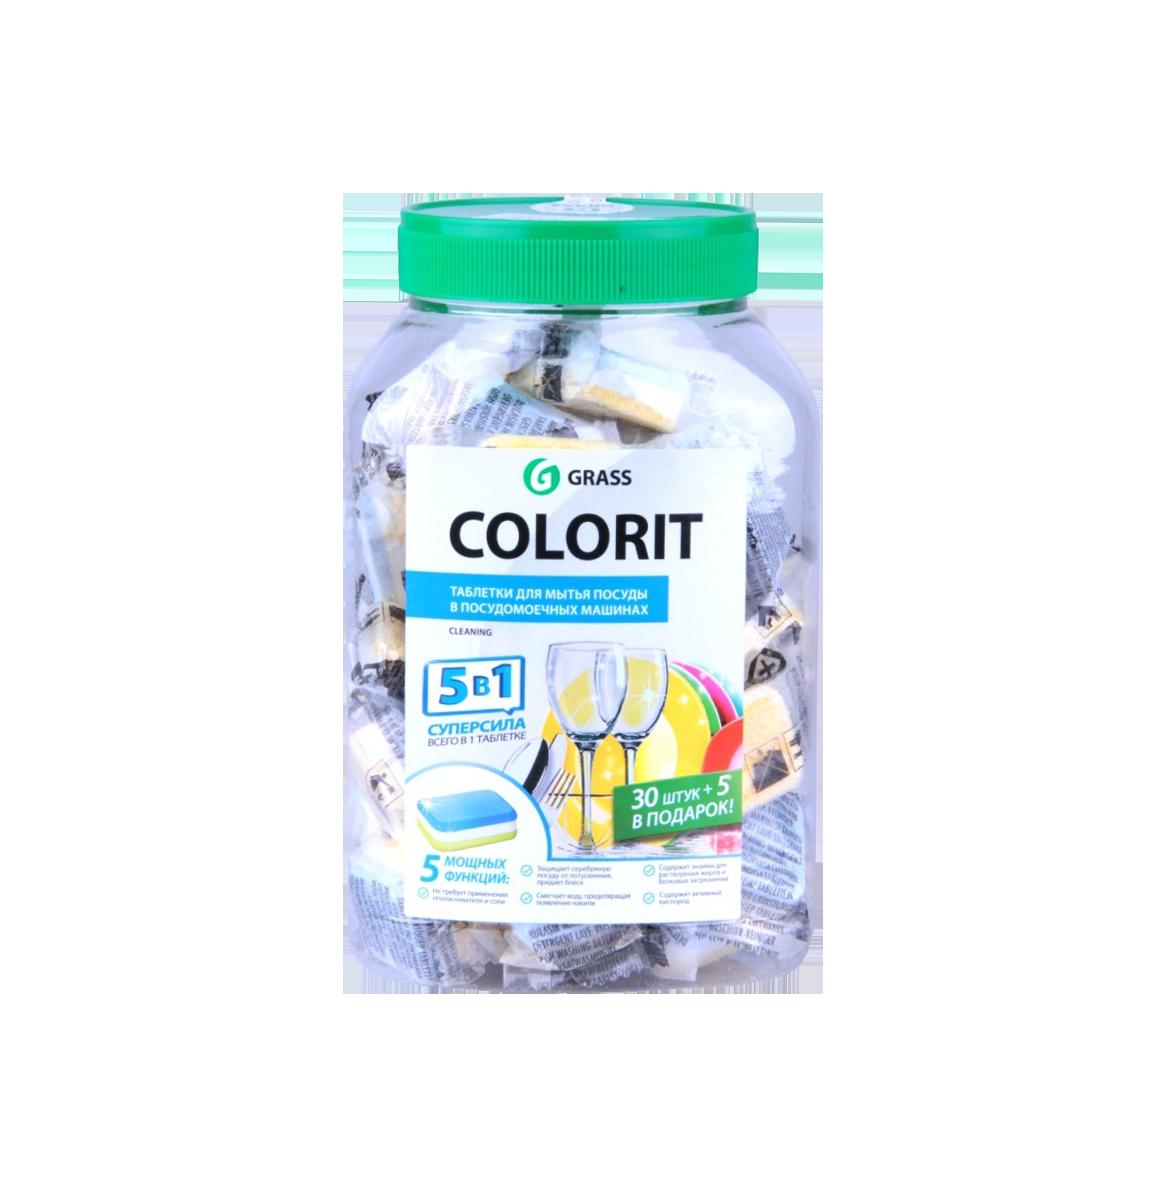 Таблетки для посудомоечных машин Colorit 5 в1